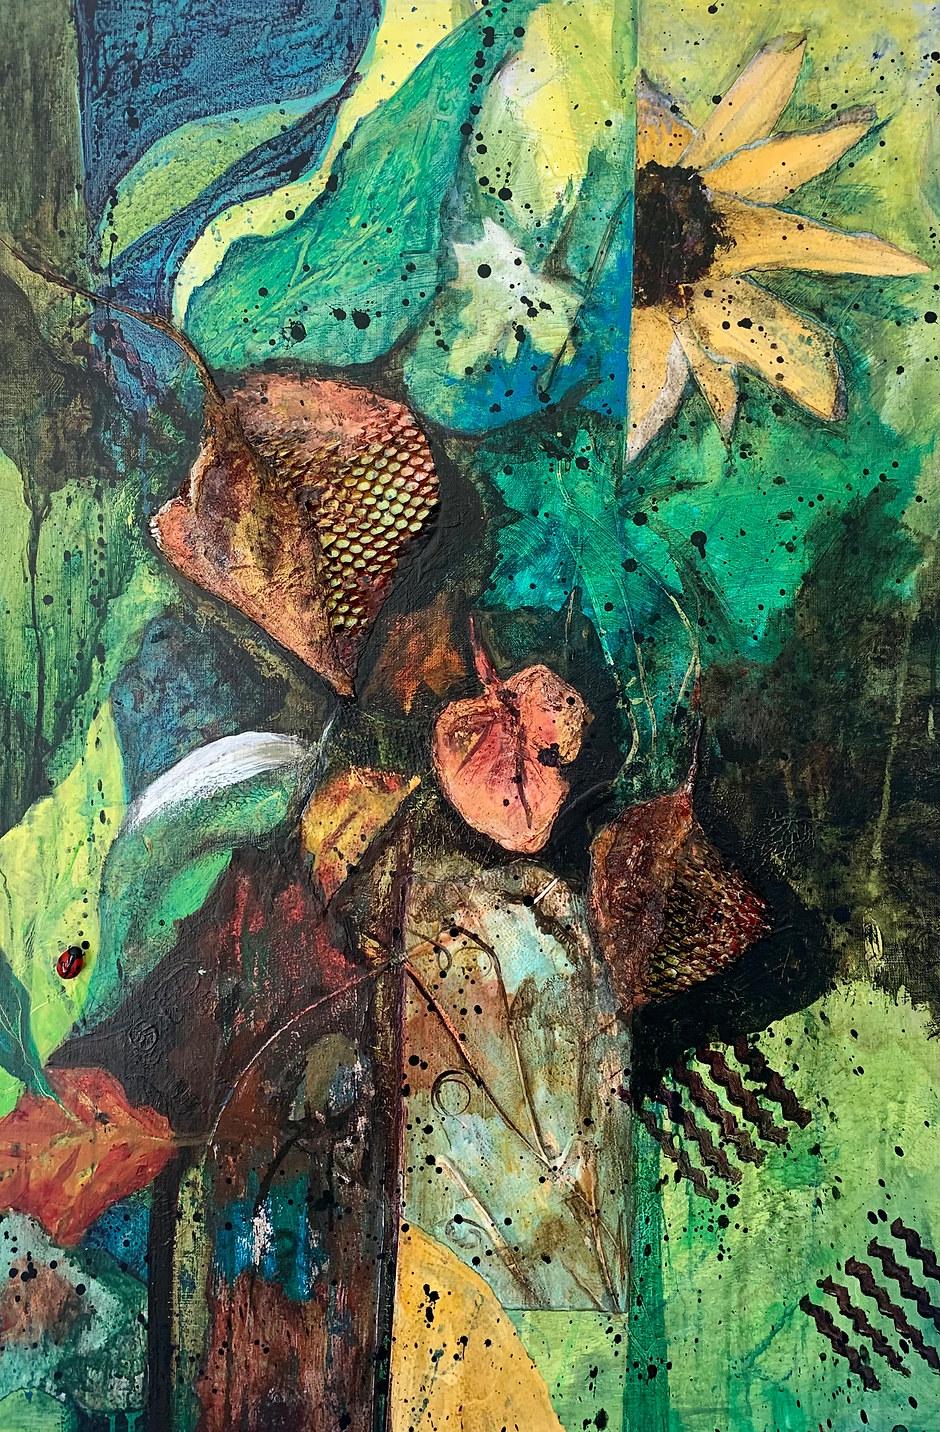 Karen Hall 'As Autumn Draws Near'